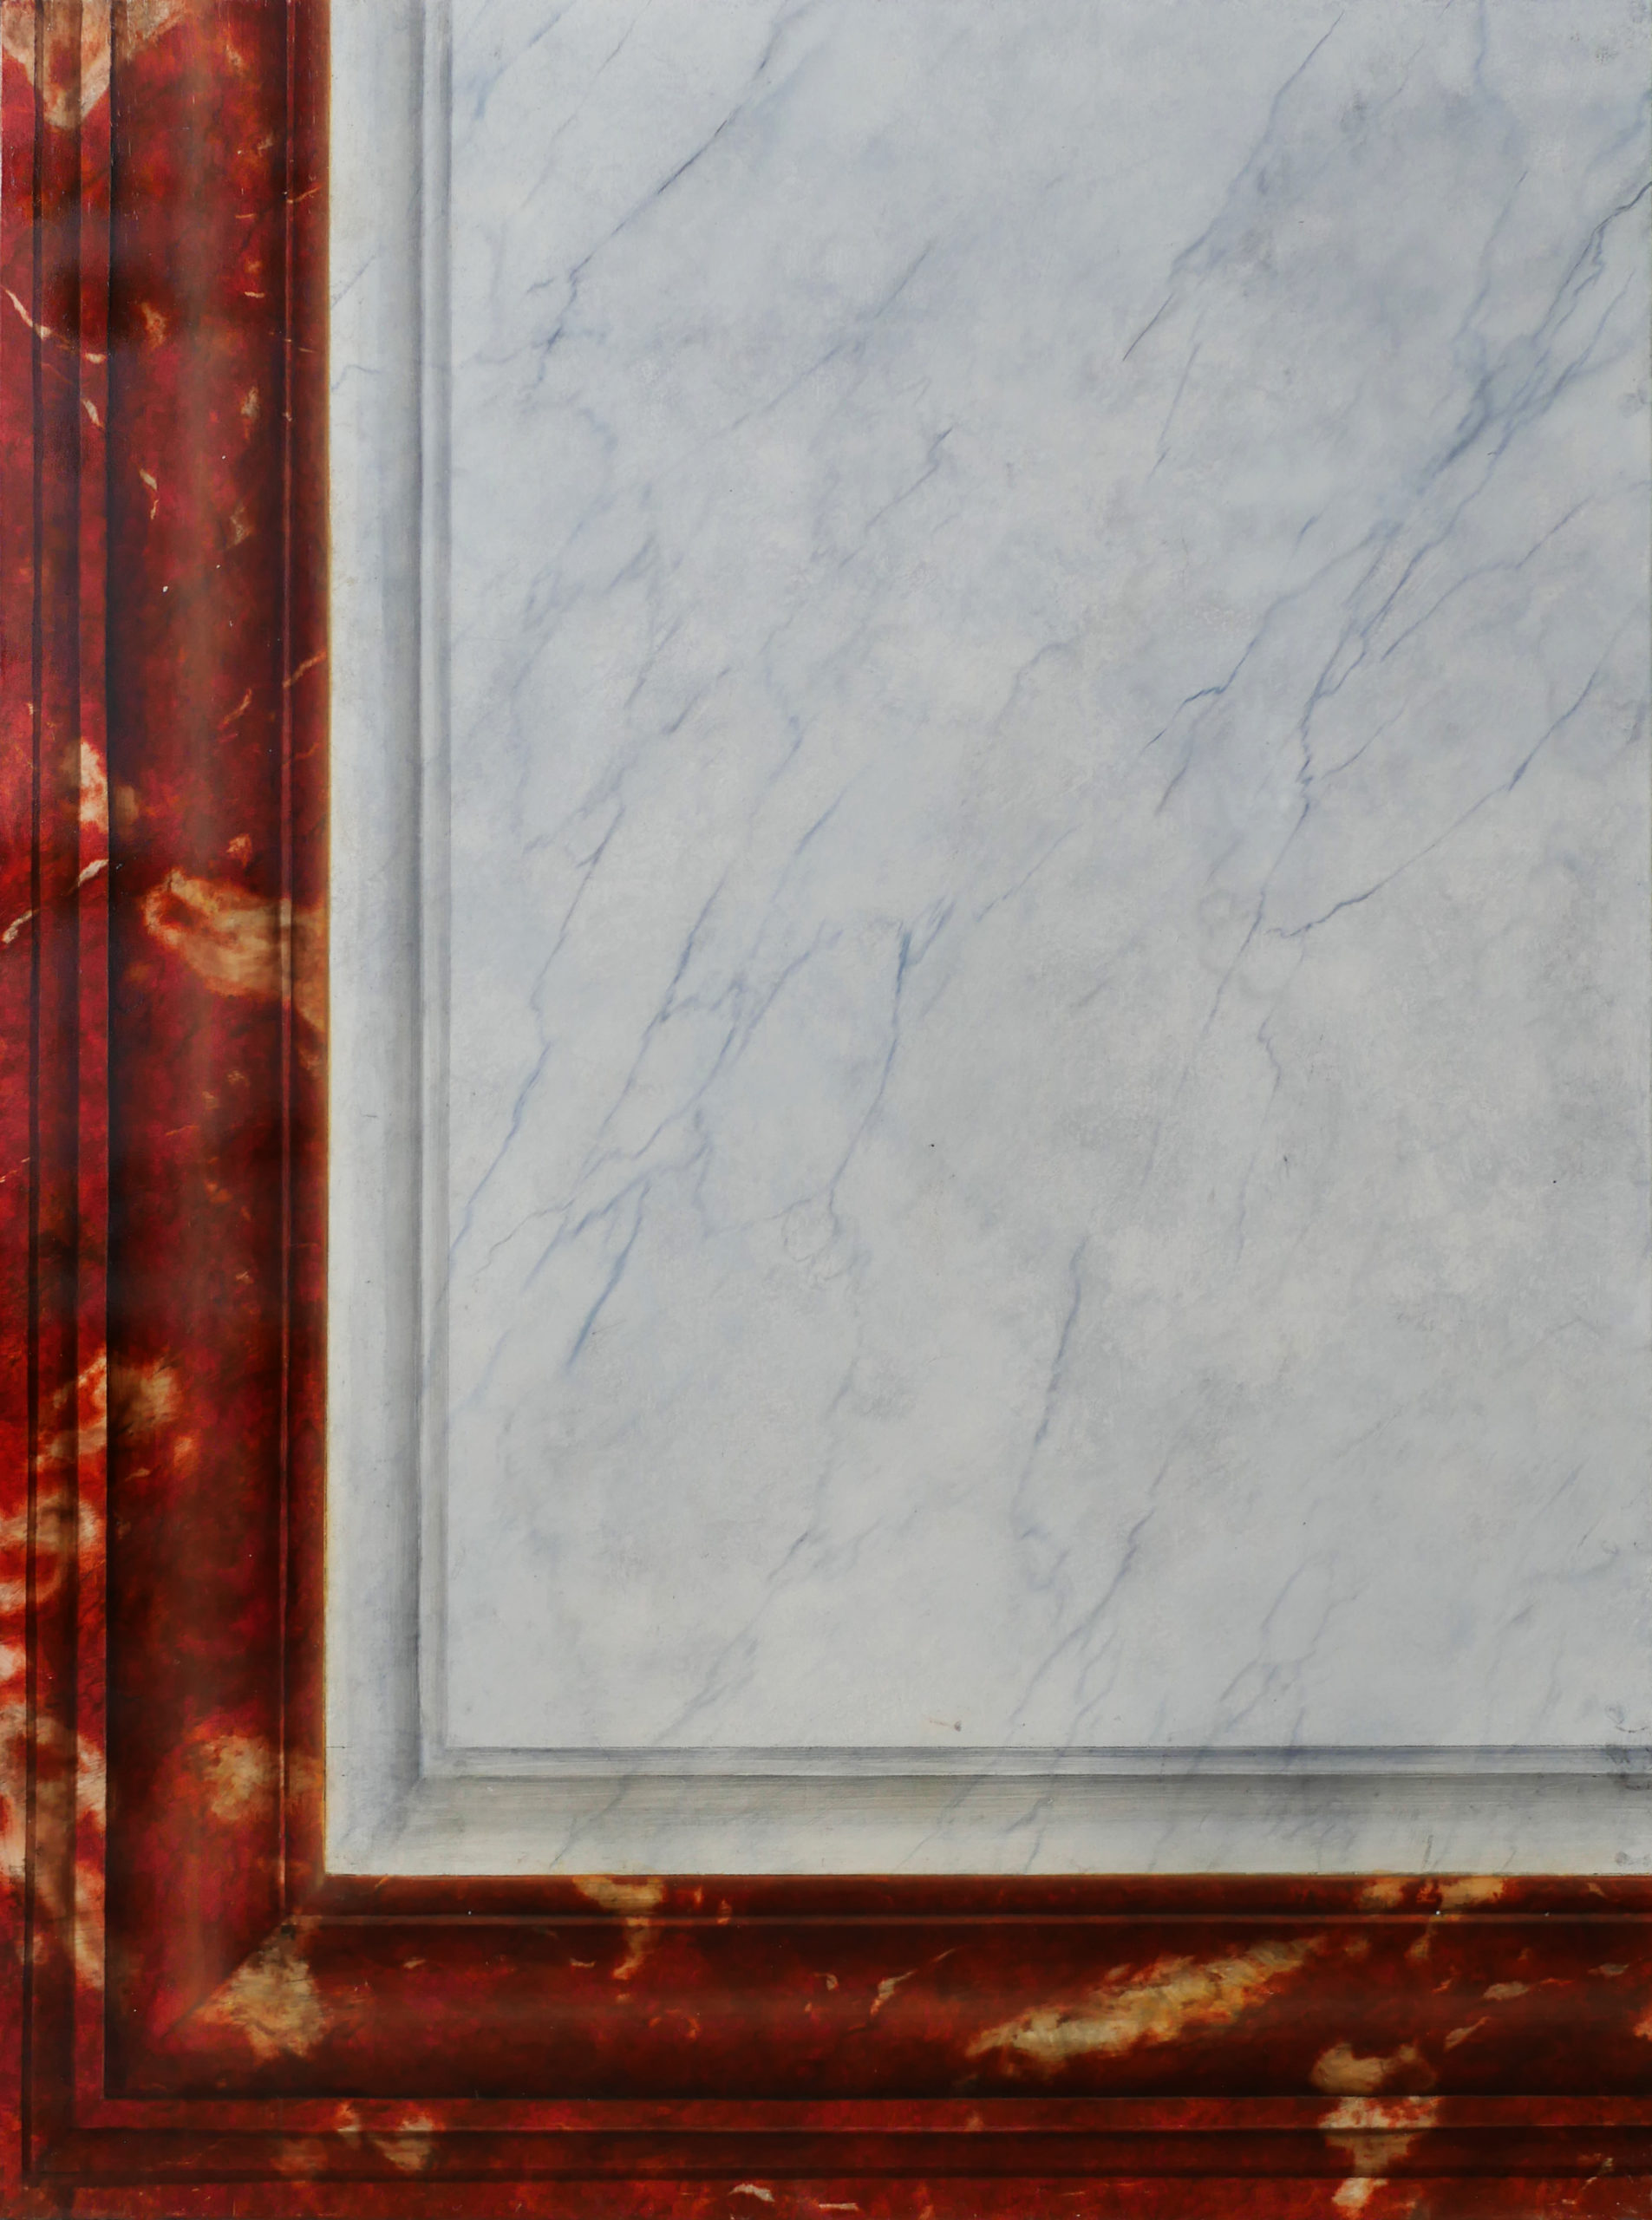 Décor imitation marbre rouge Languedoc et blanc veiné, faux marbre, effet de matière. Assilem décors, peintre en décor Bordeaux, décoration intérieure, peintre décorateur